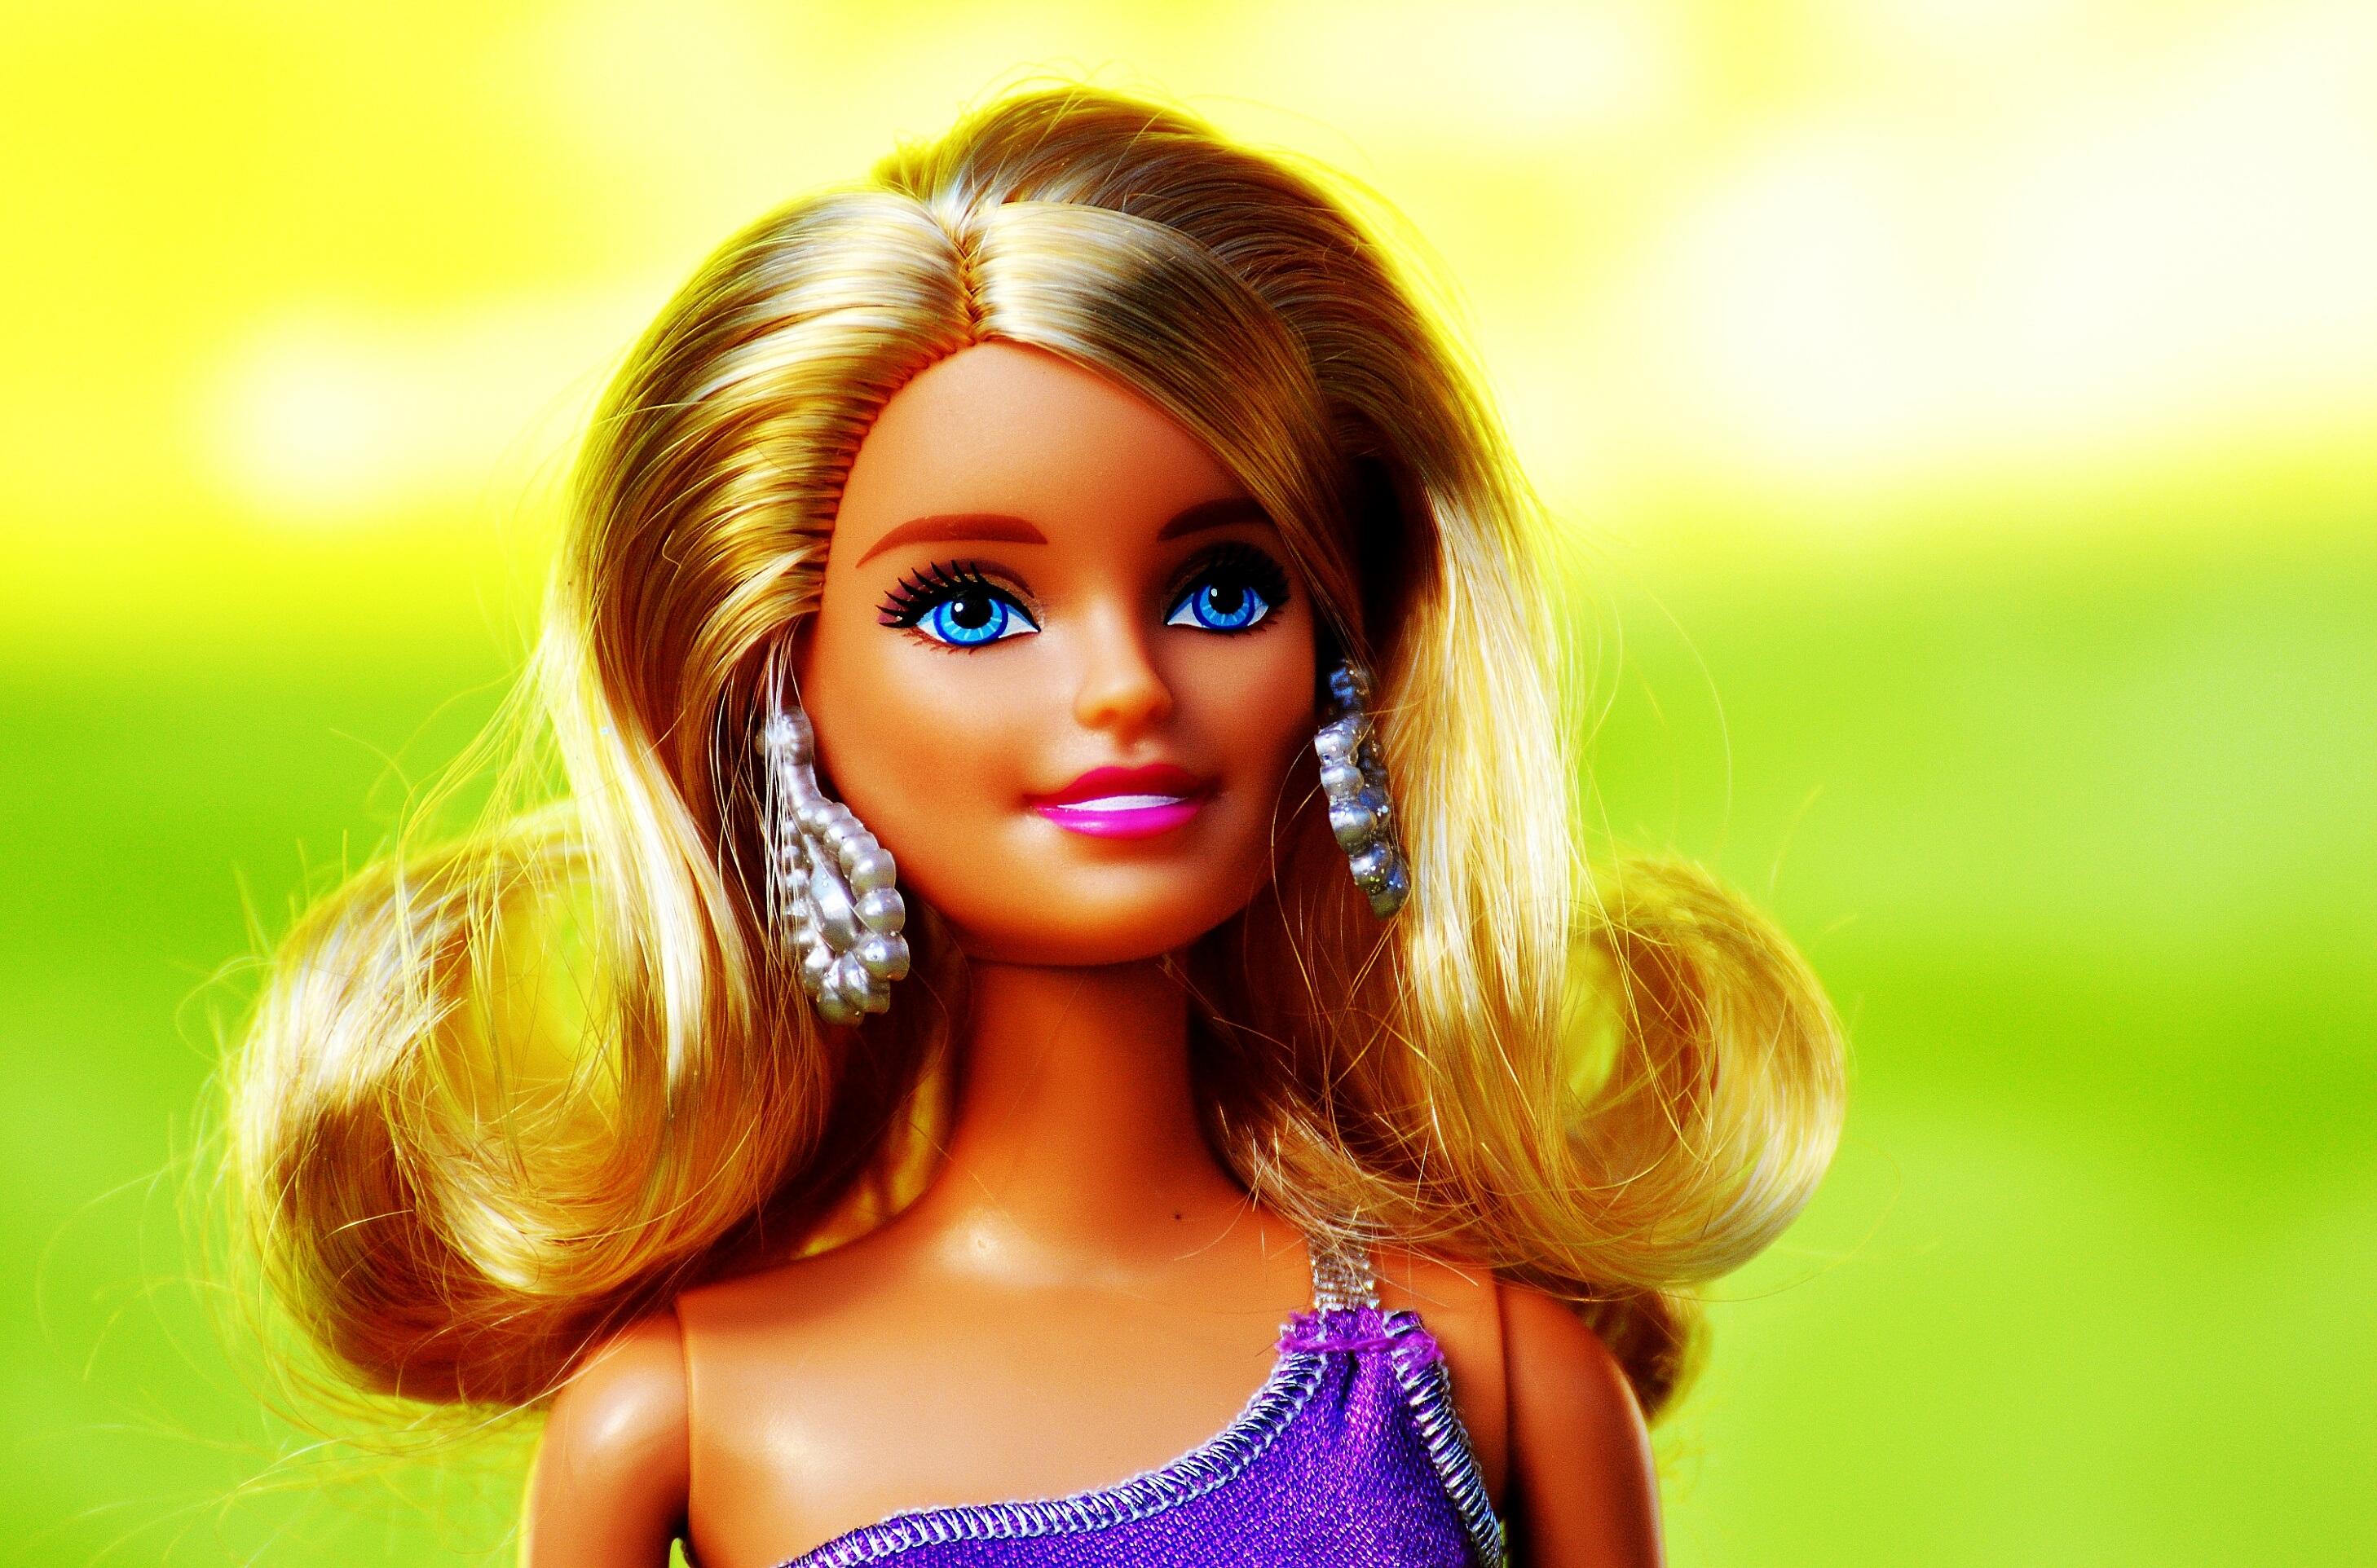 Как сделать красивее куклу барби